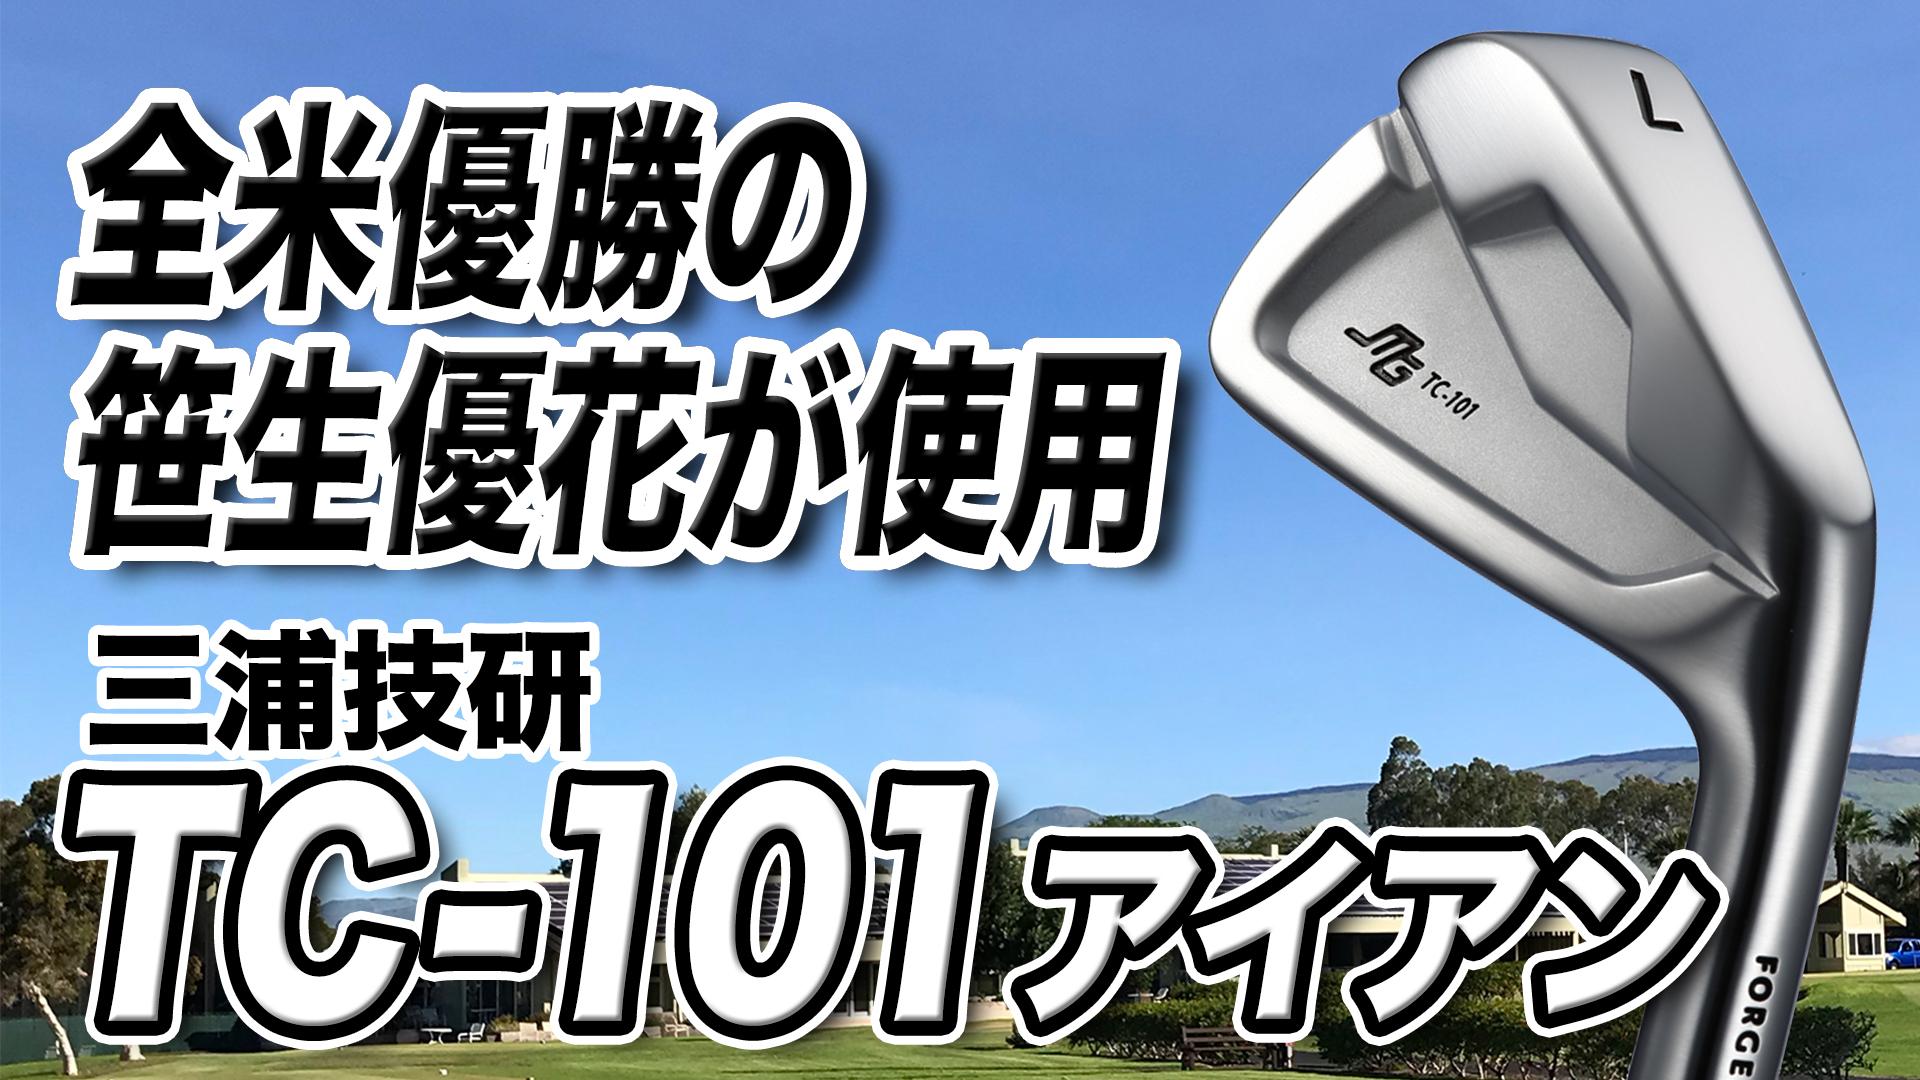 三浦技研「TC-101 アイアン」【レビュー企画】